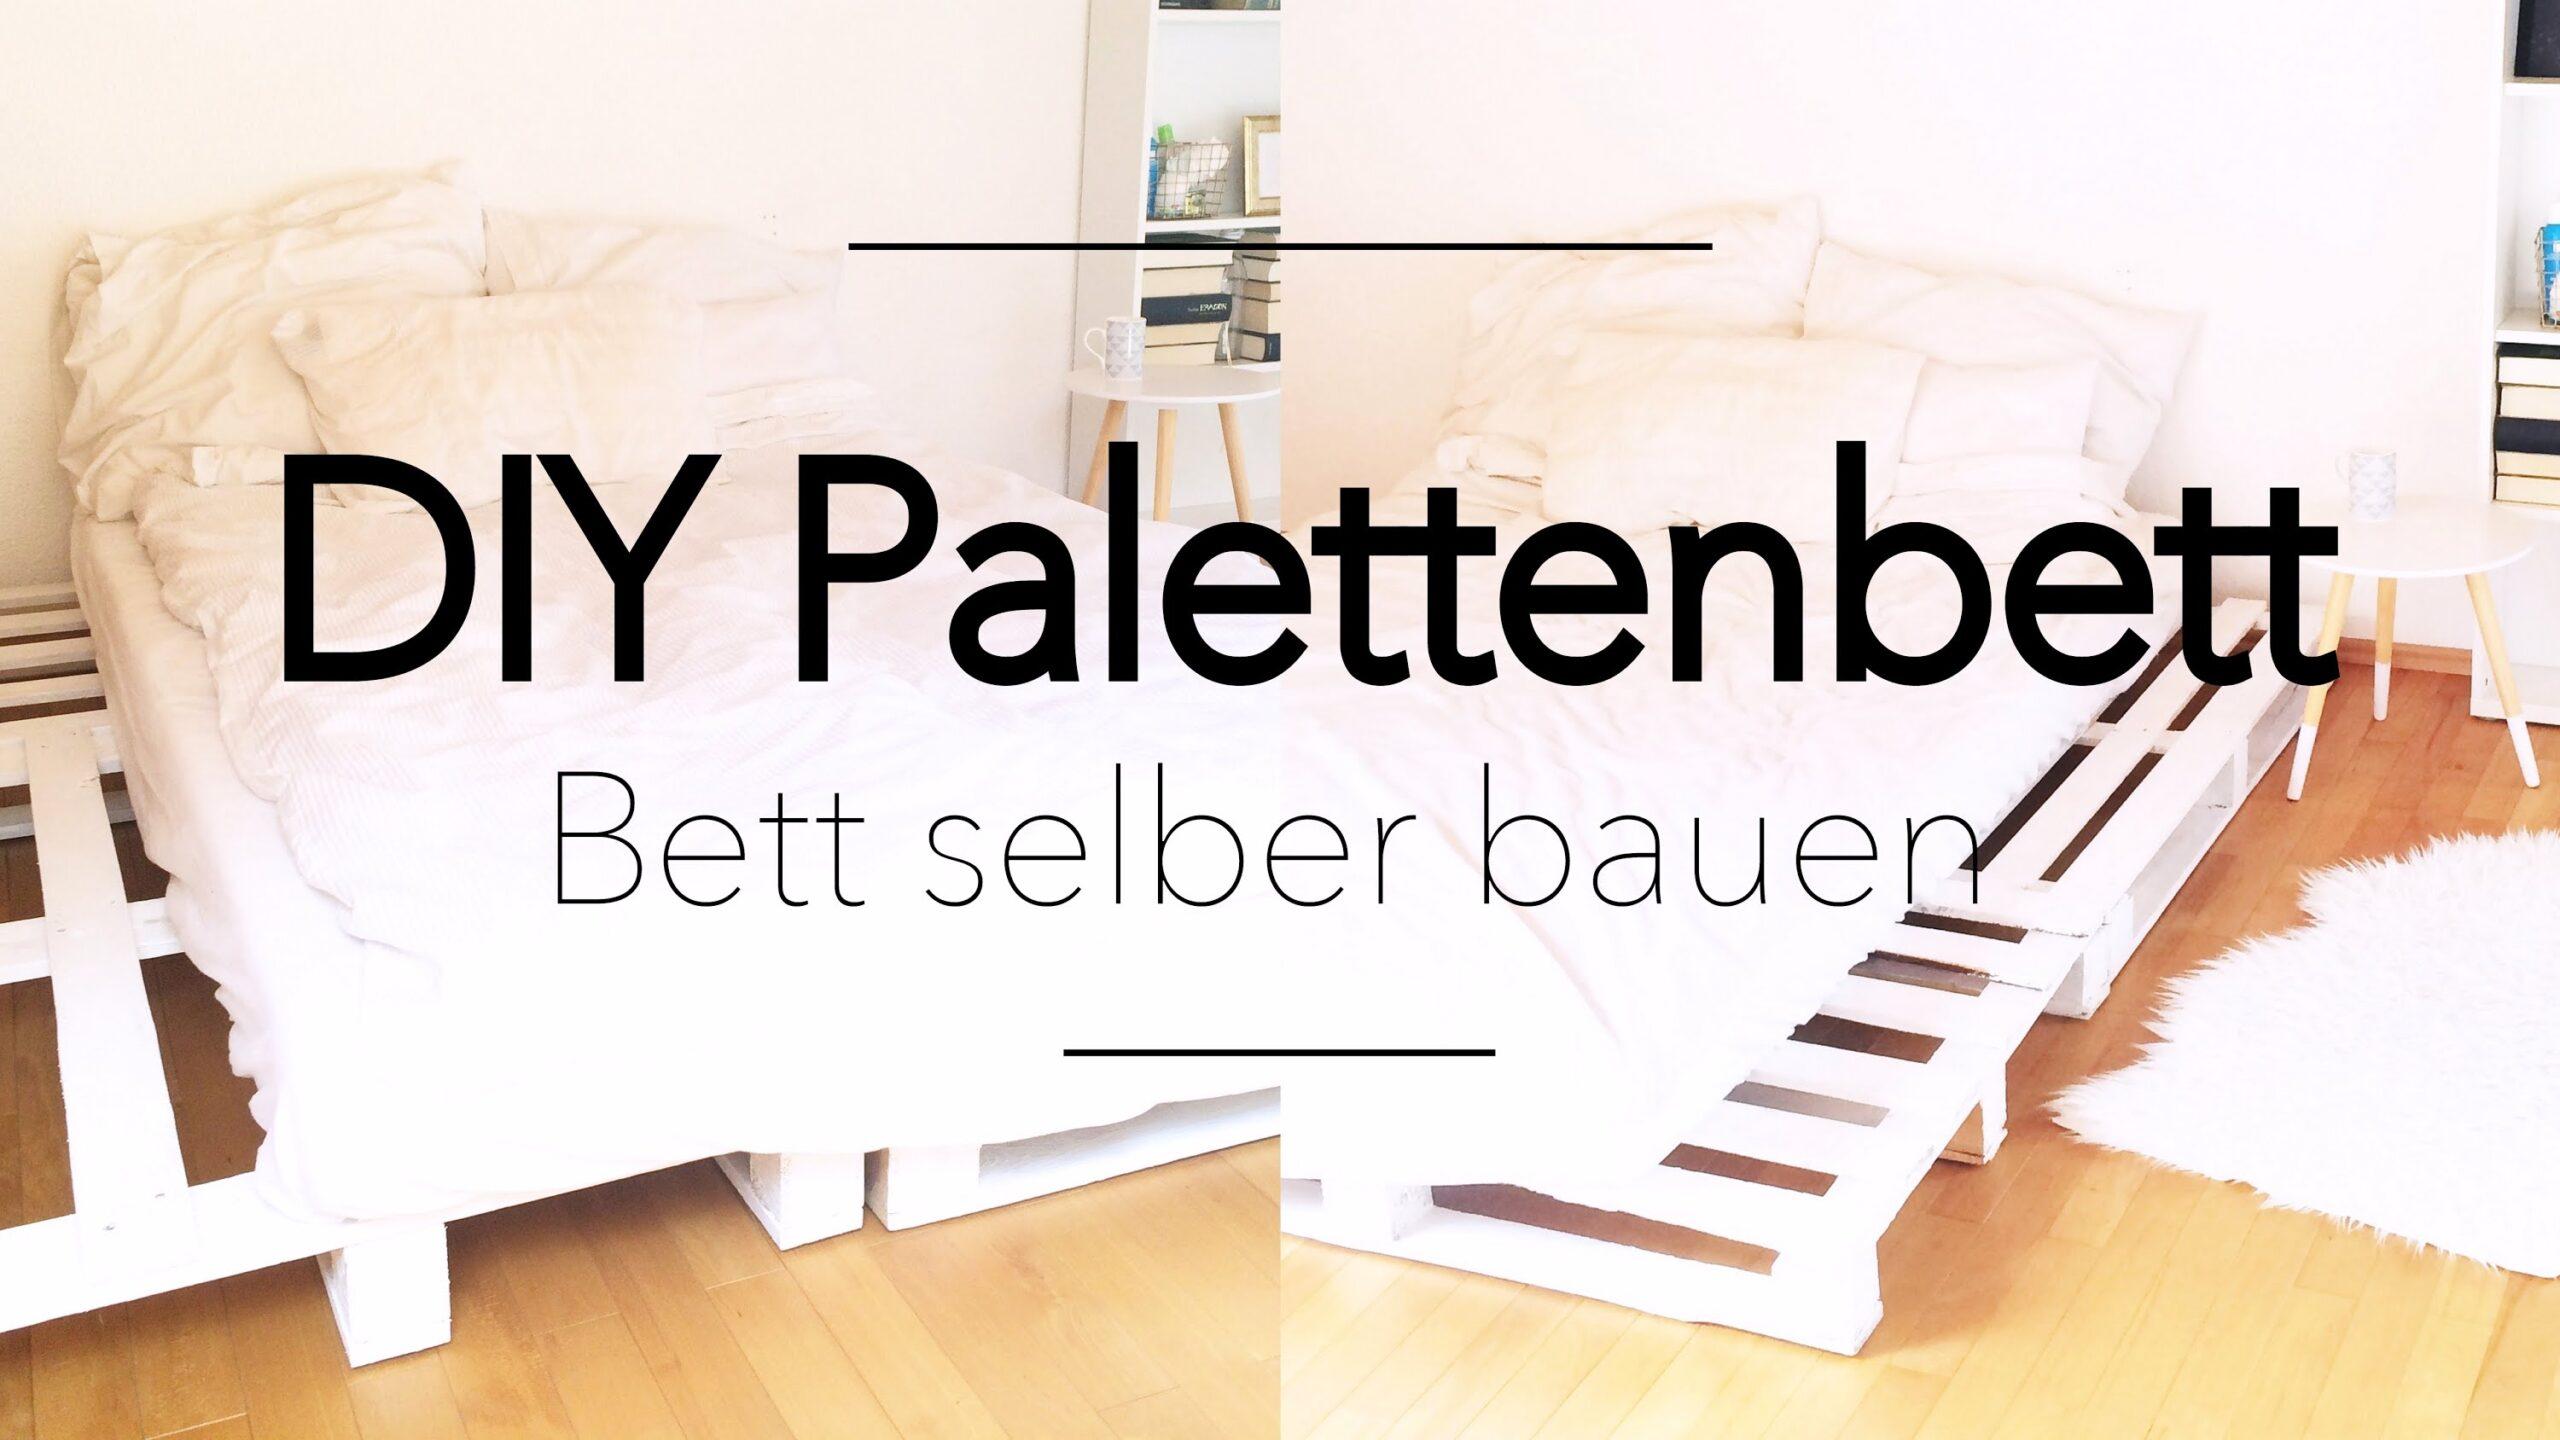 Full Size of Bauanleitung Bauplan Palettenbett Paletten Bett 200x140 Wohnzimmer Bauanleitung Bauplan Palettenbett